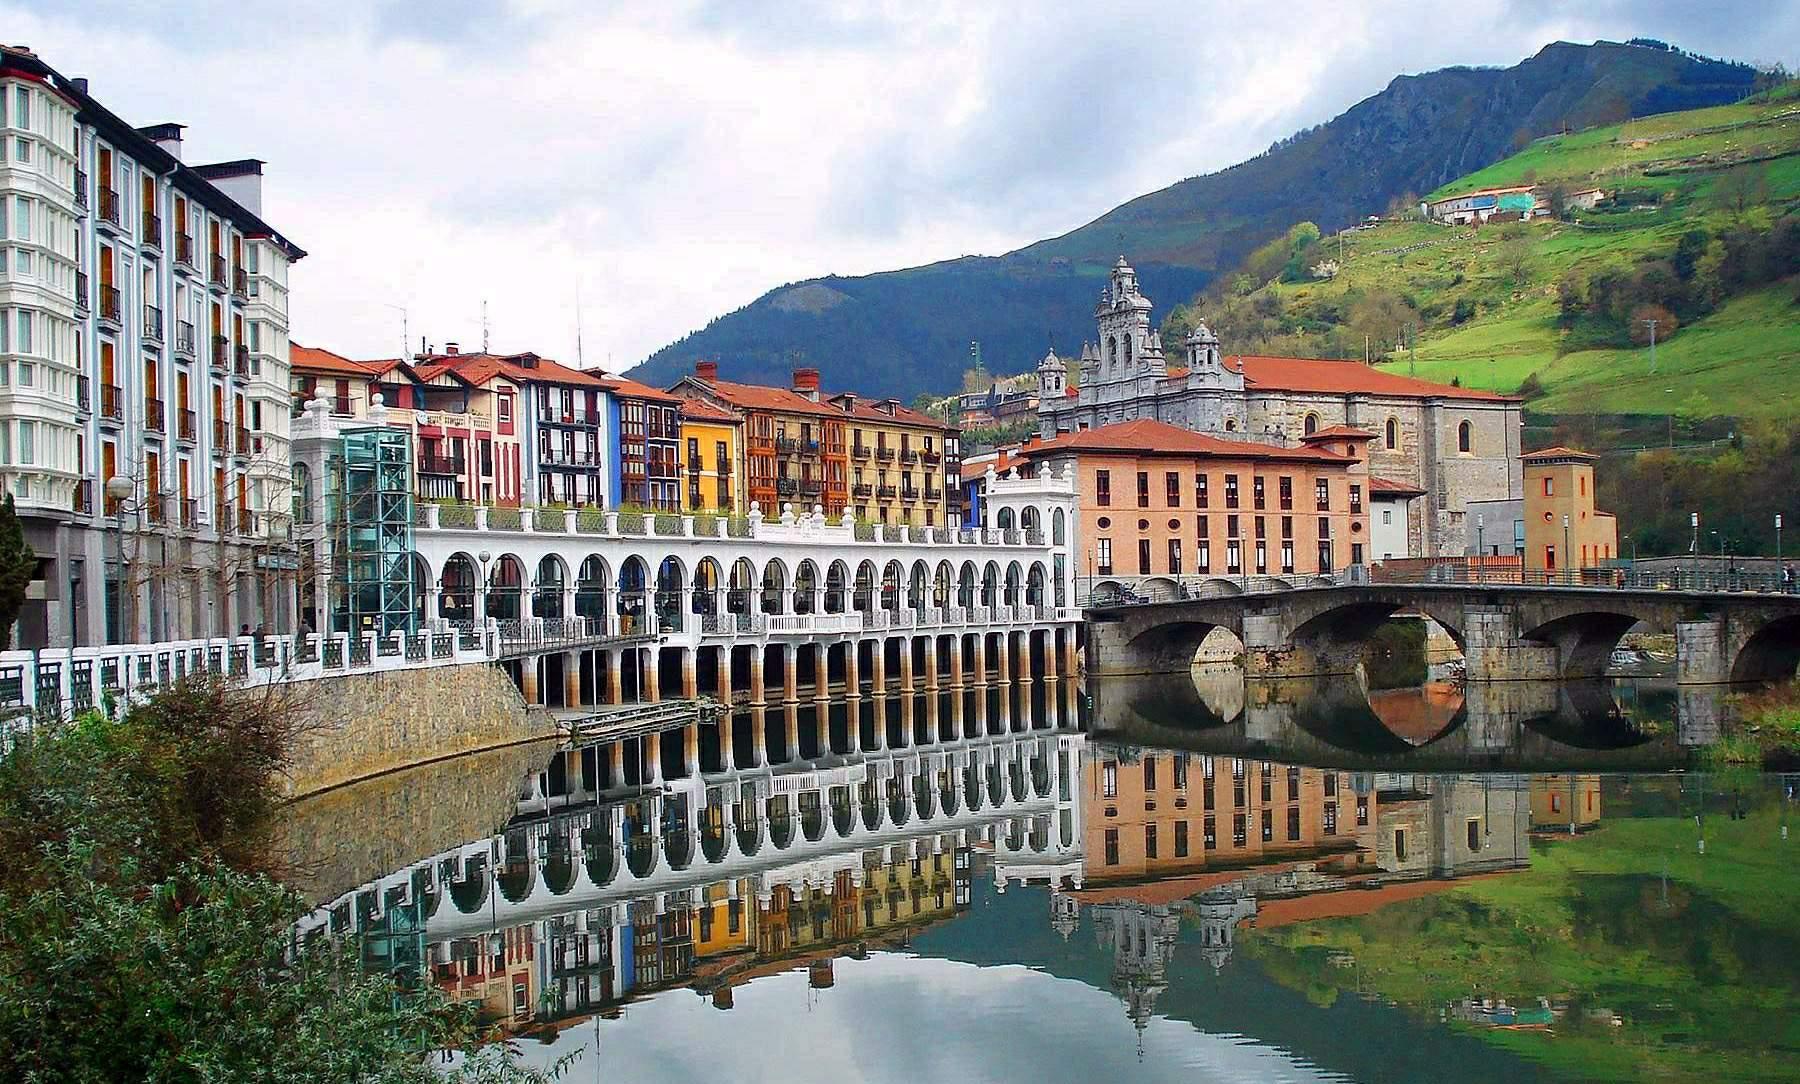 Tolosa - Los pueblos bonitos cerca de San Sebastián.